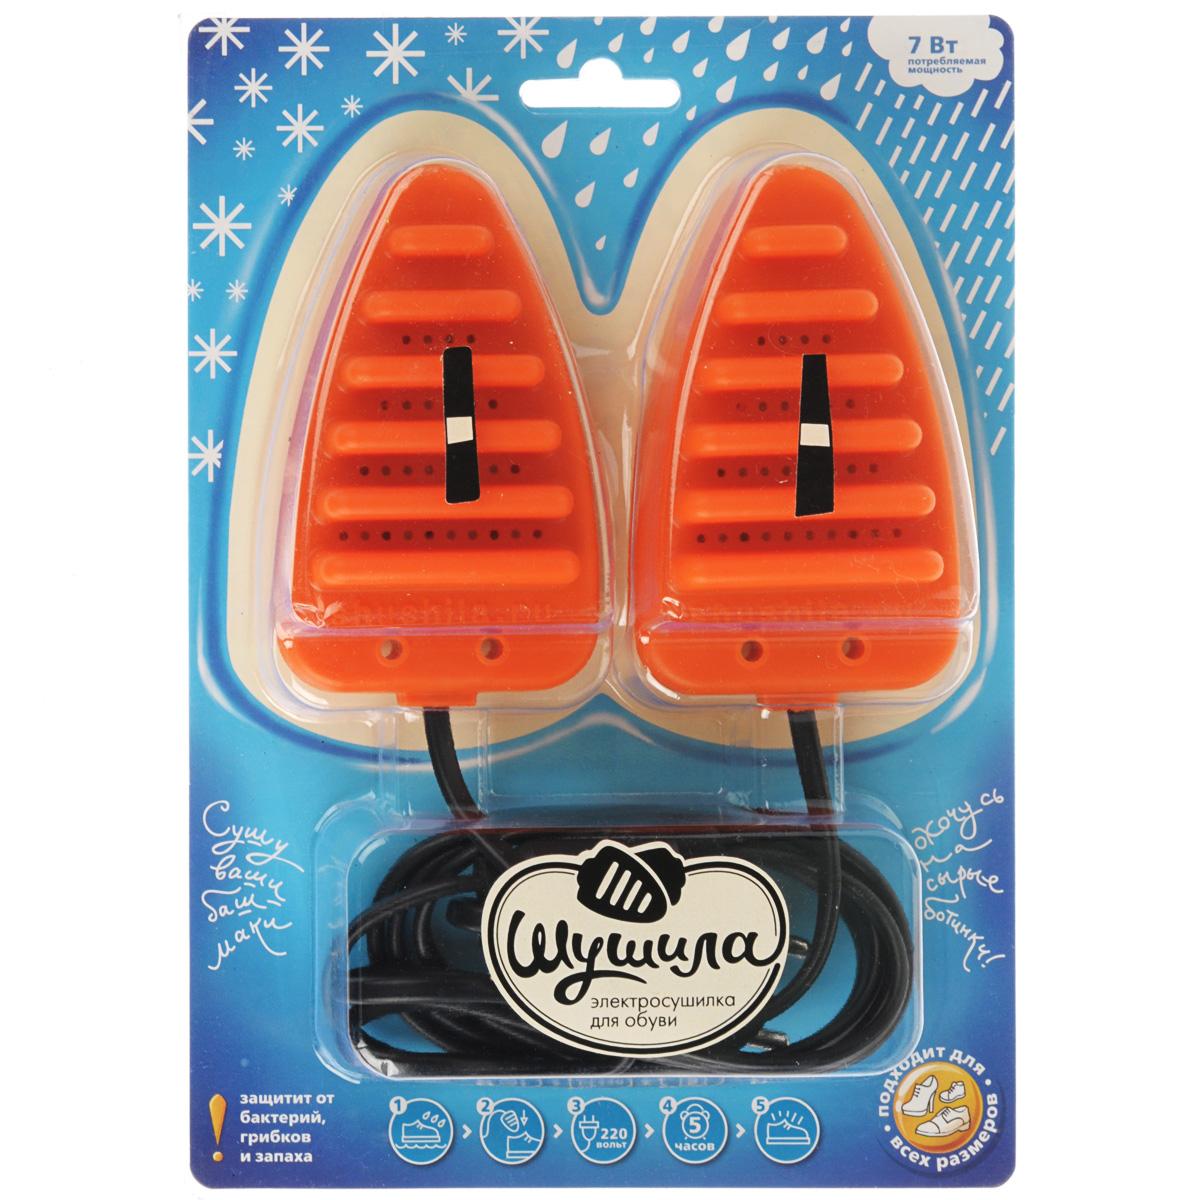 Сушилка для обуви Шушила, электрическая, цвет: оранжевый00000002197Электросушилка для обуви Шушила, изготовленная из высококачественного пластика, предназначена для просушивания обуви в бытовых условиях. Благодаря данной сушилке срок ношения обуви значительно увеличится. Конструкция электросушилки обеспечивает свободную циркуляцию теплого воздуха внутри обуви. Регулярное использование данного прибора позволит не только уничтожить грибки, бактерии и запах, но и предотвратить их появление в обуви.